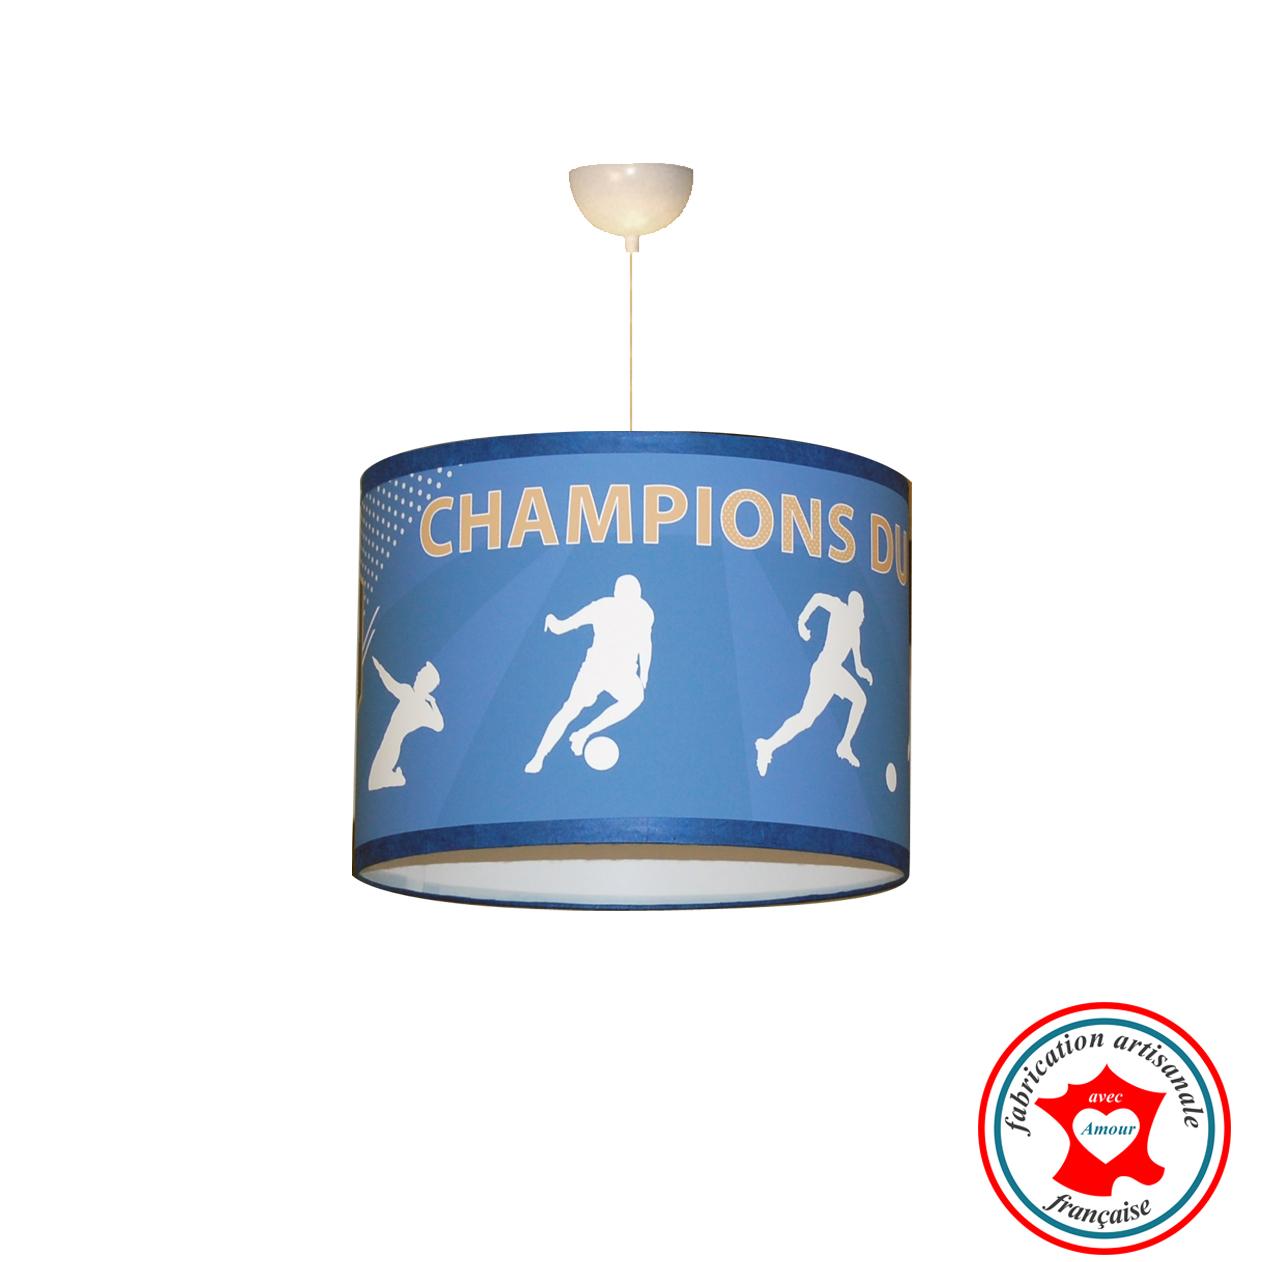 Champions du monde 6